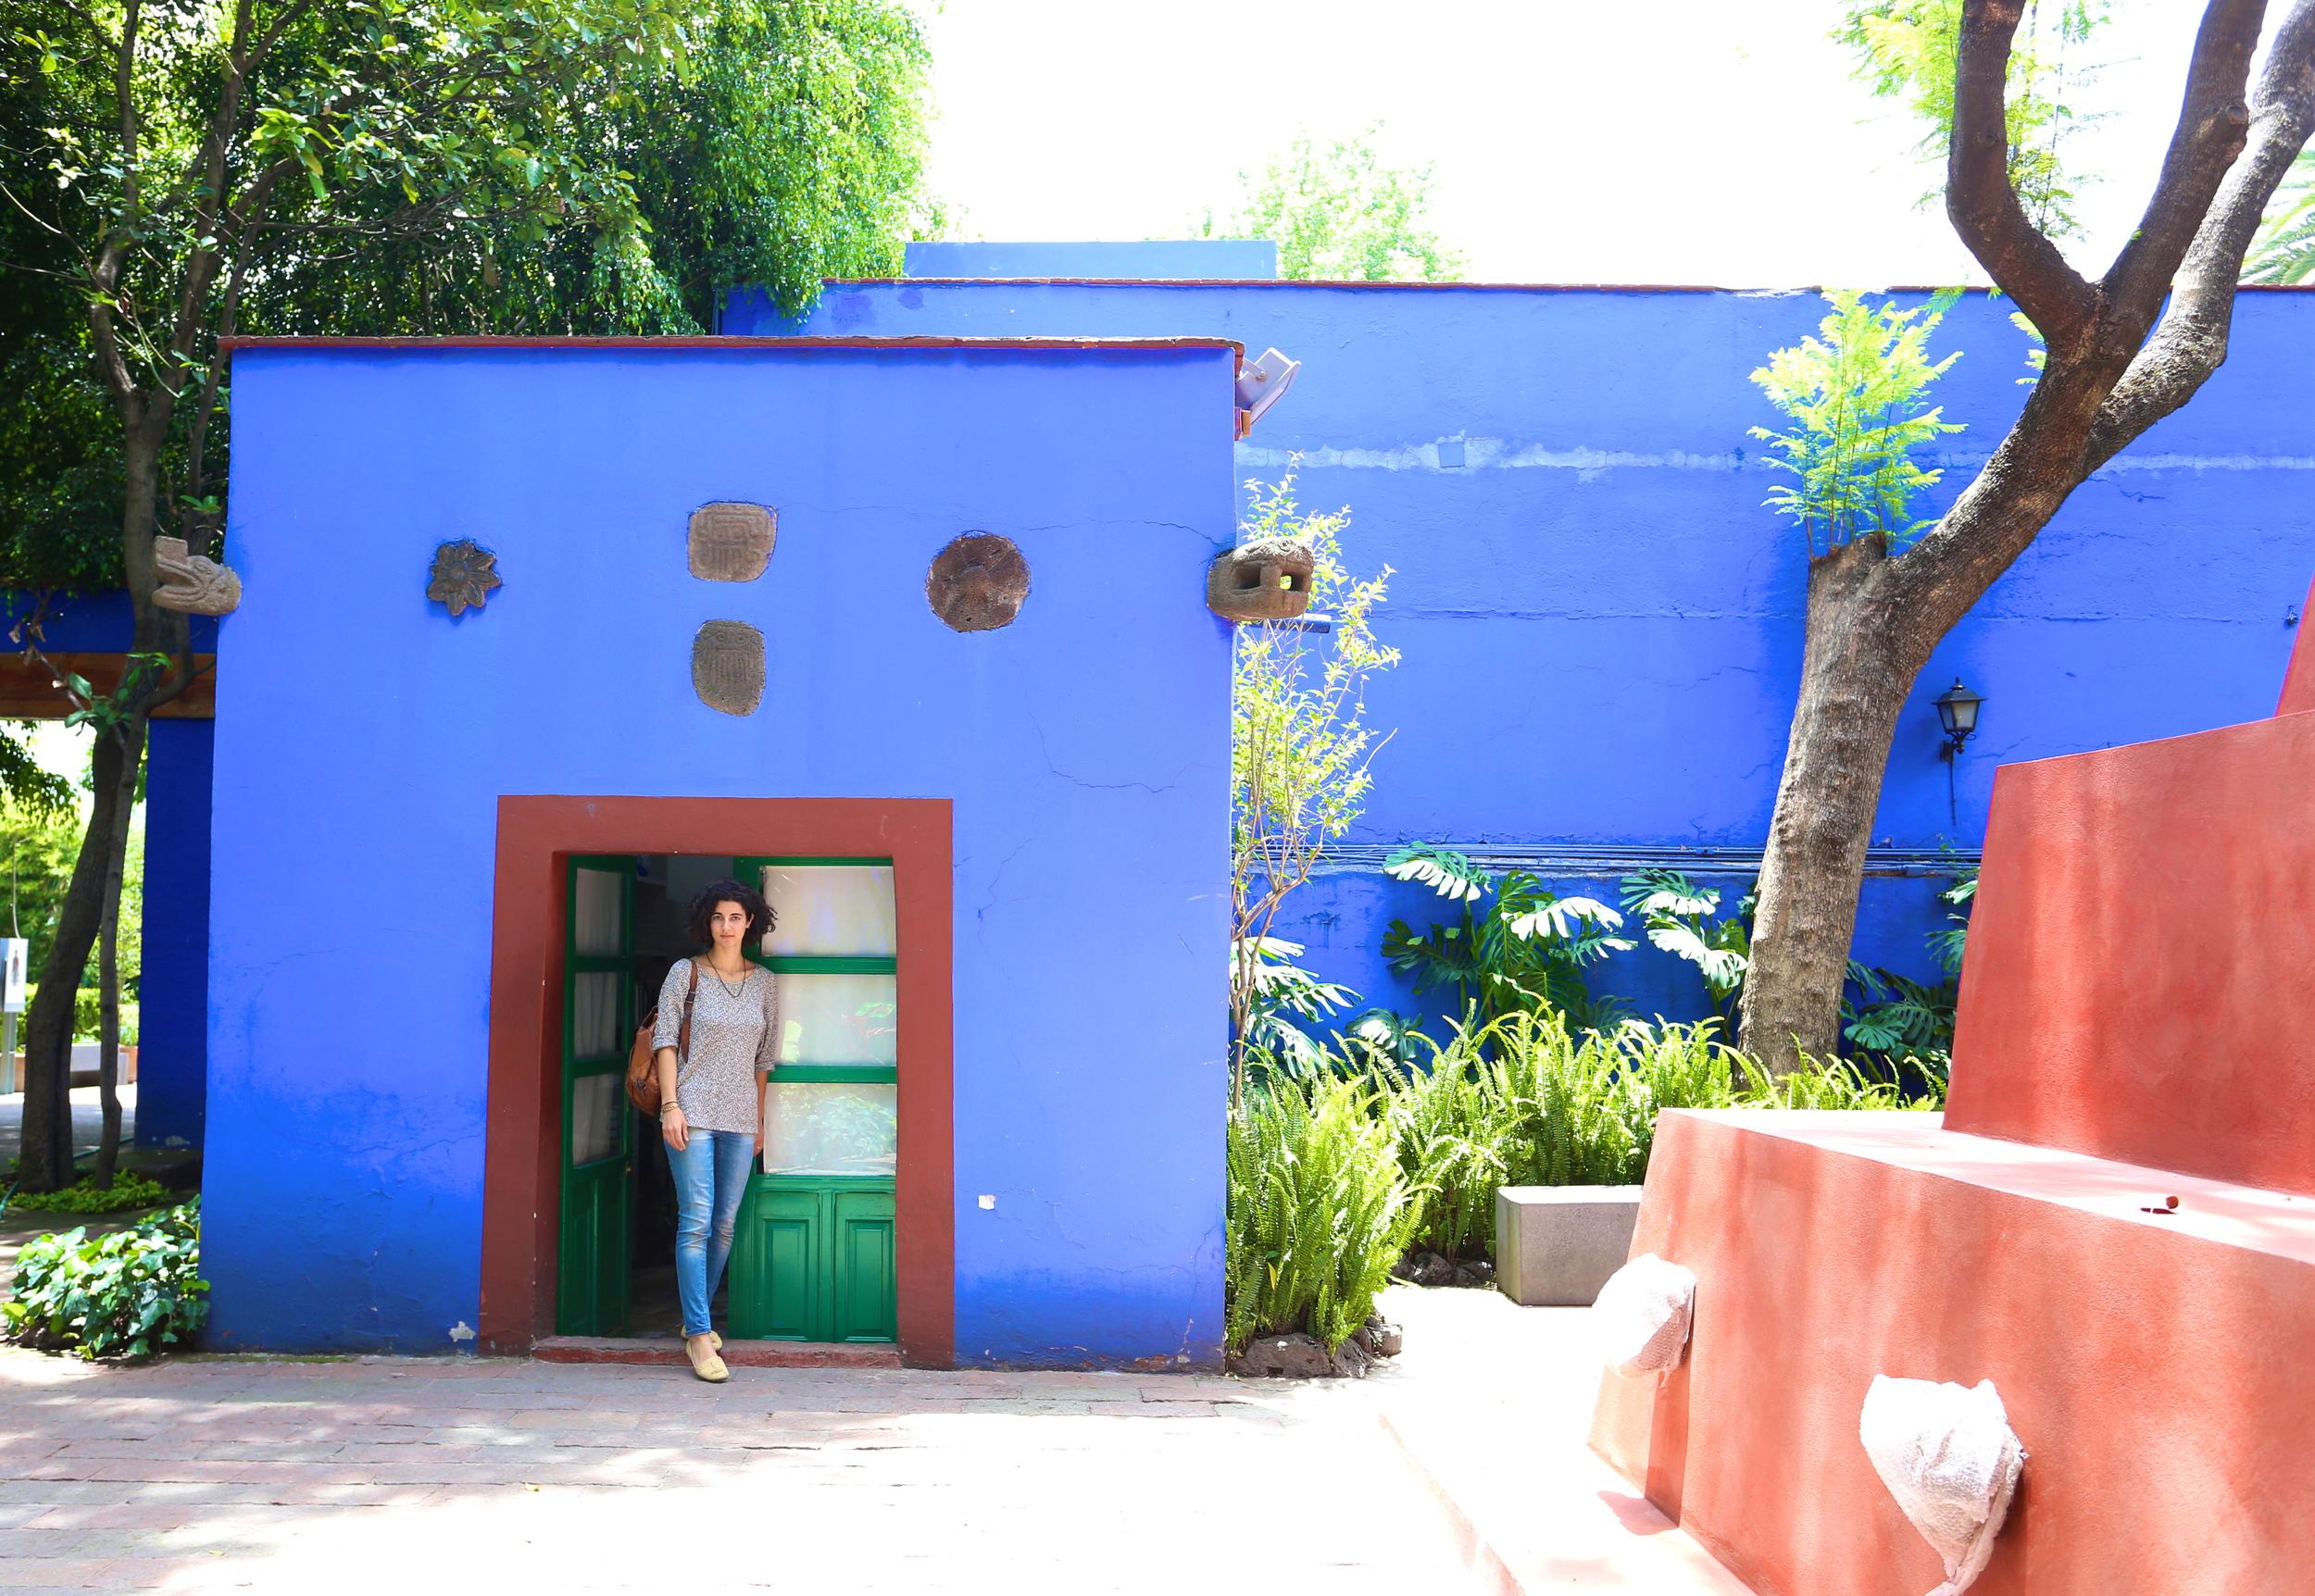 At La Casa Azul.